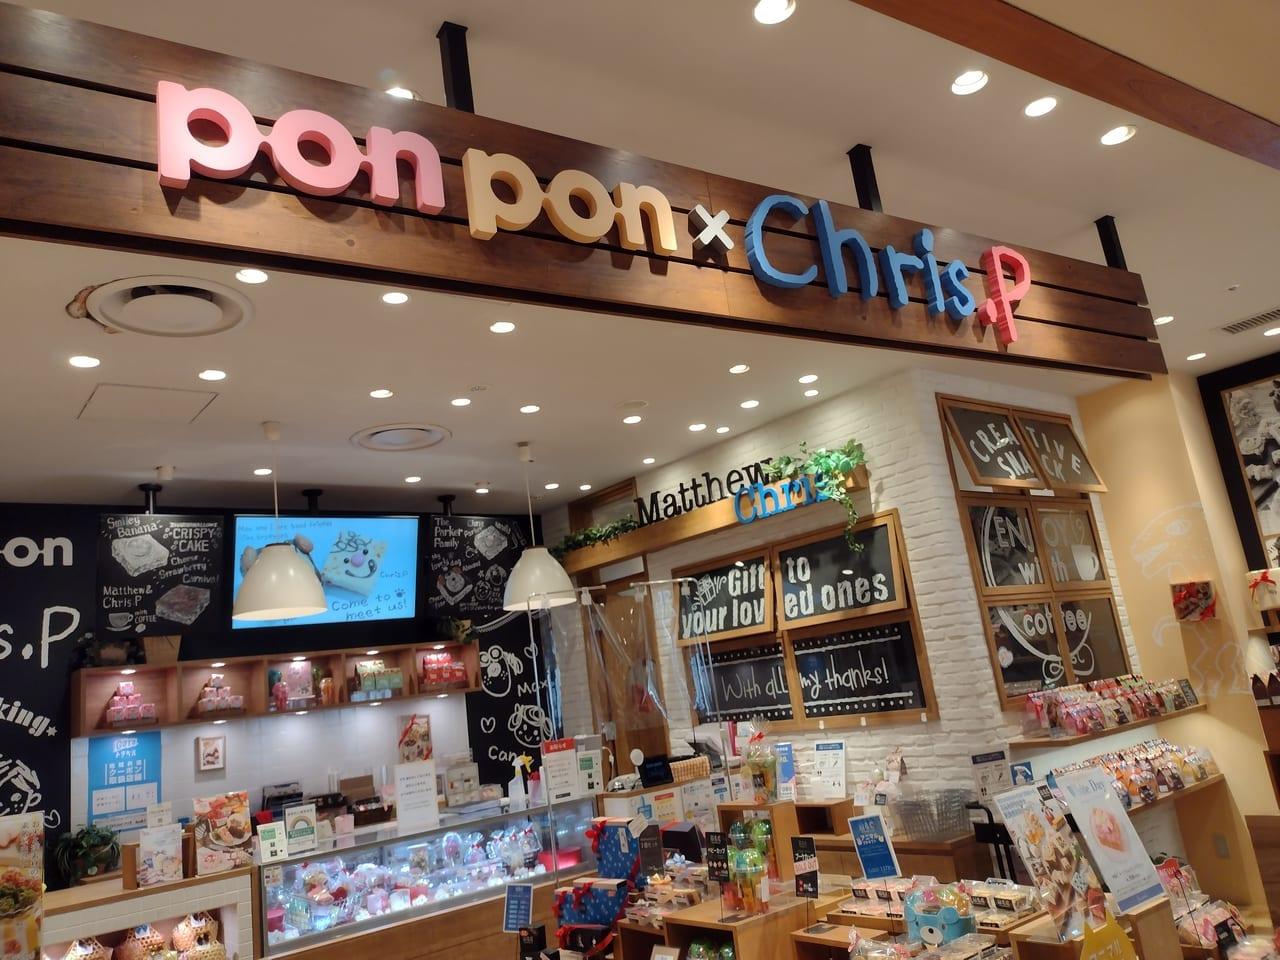 ポンポンクリスピー店舗